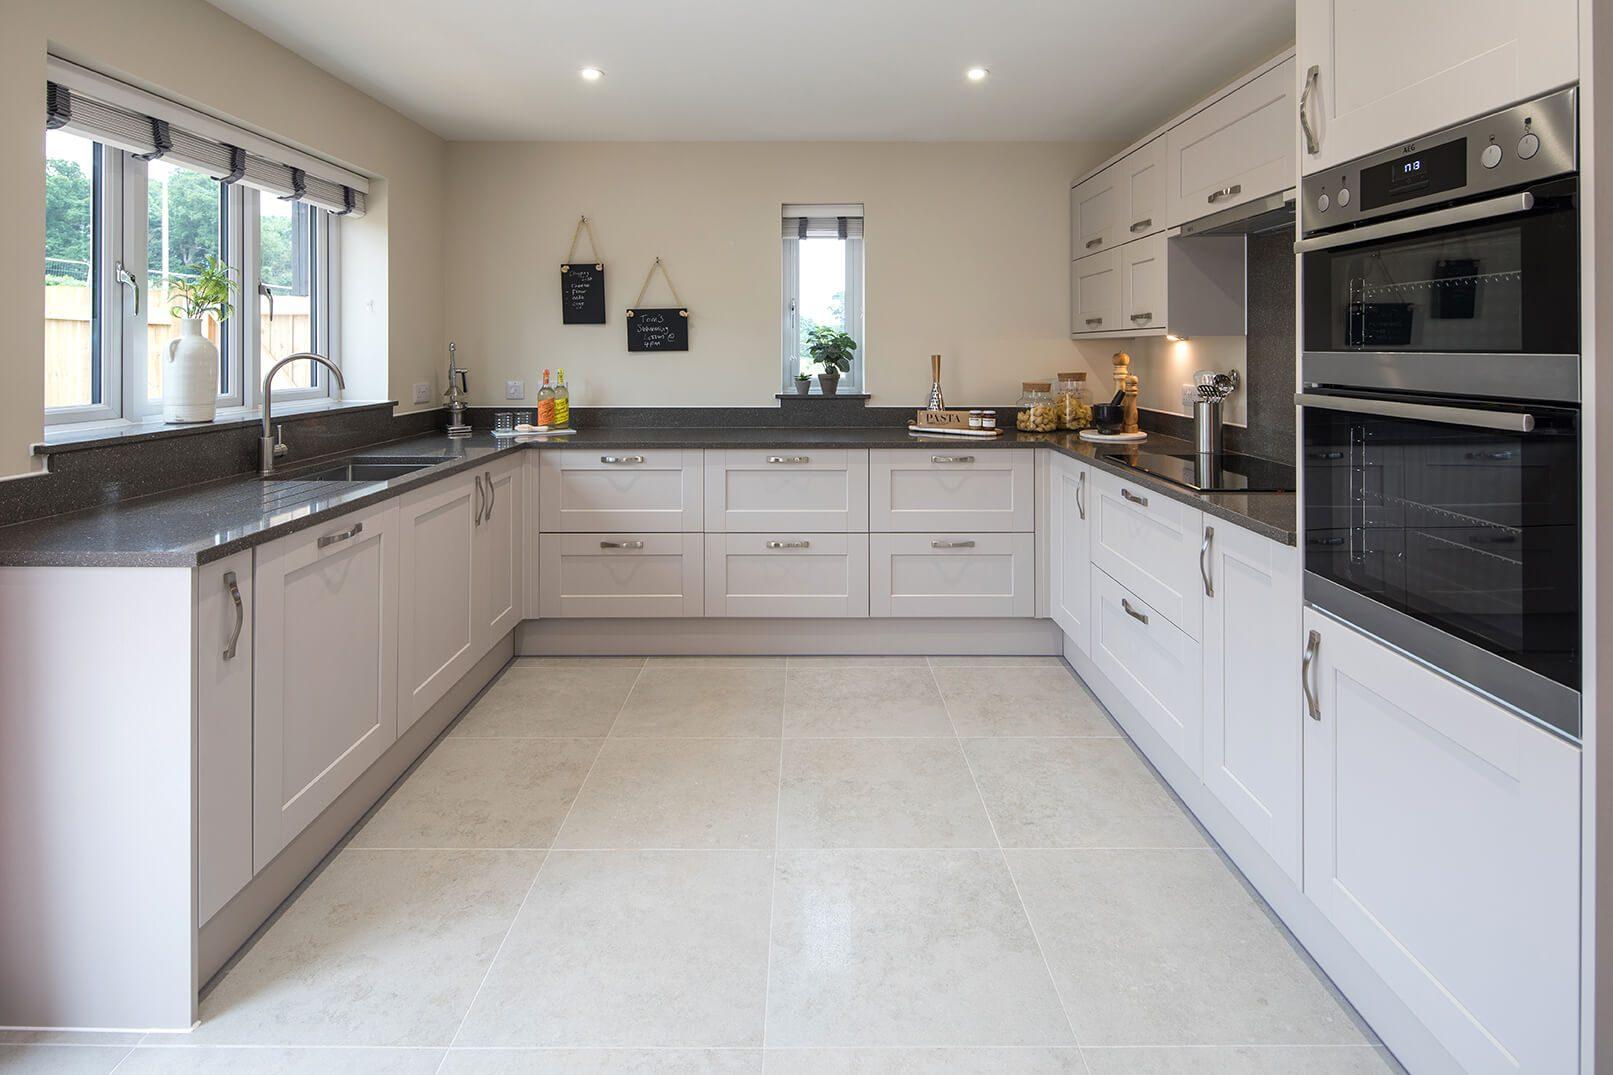 Tarka View kitchen